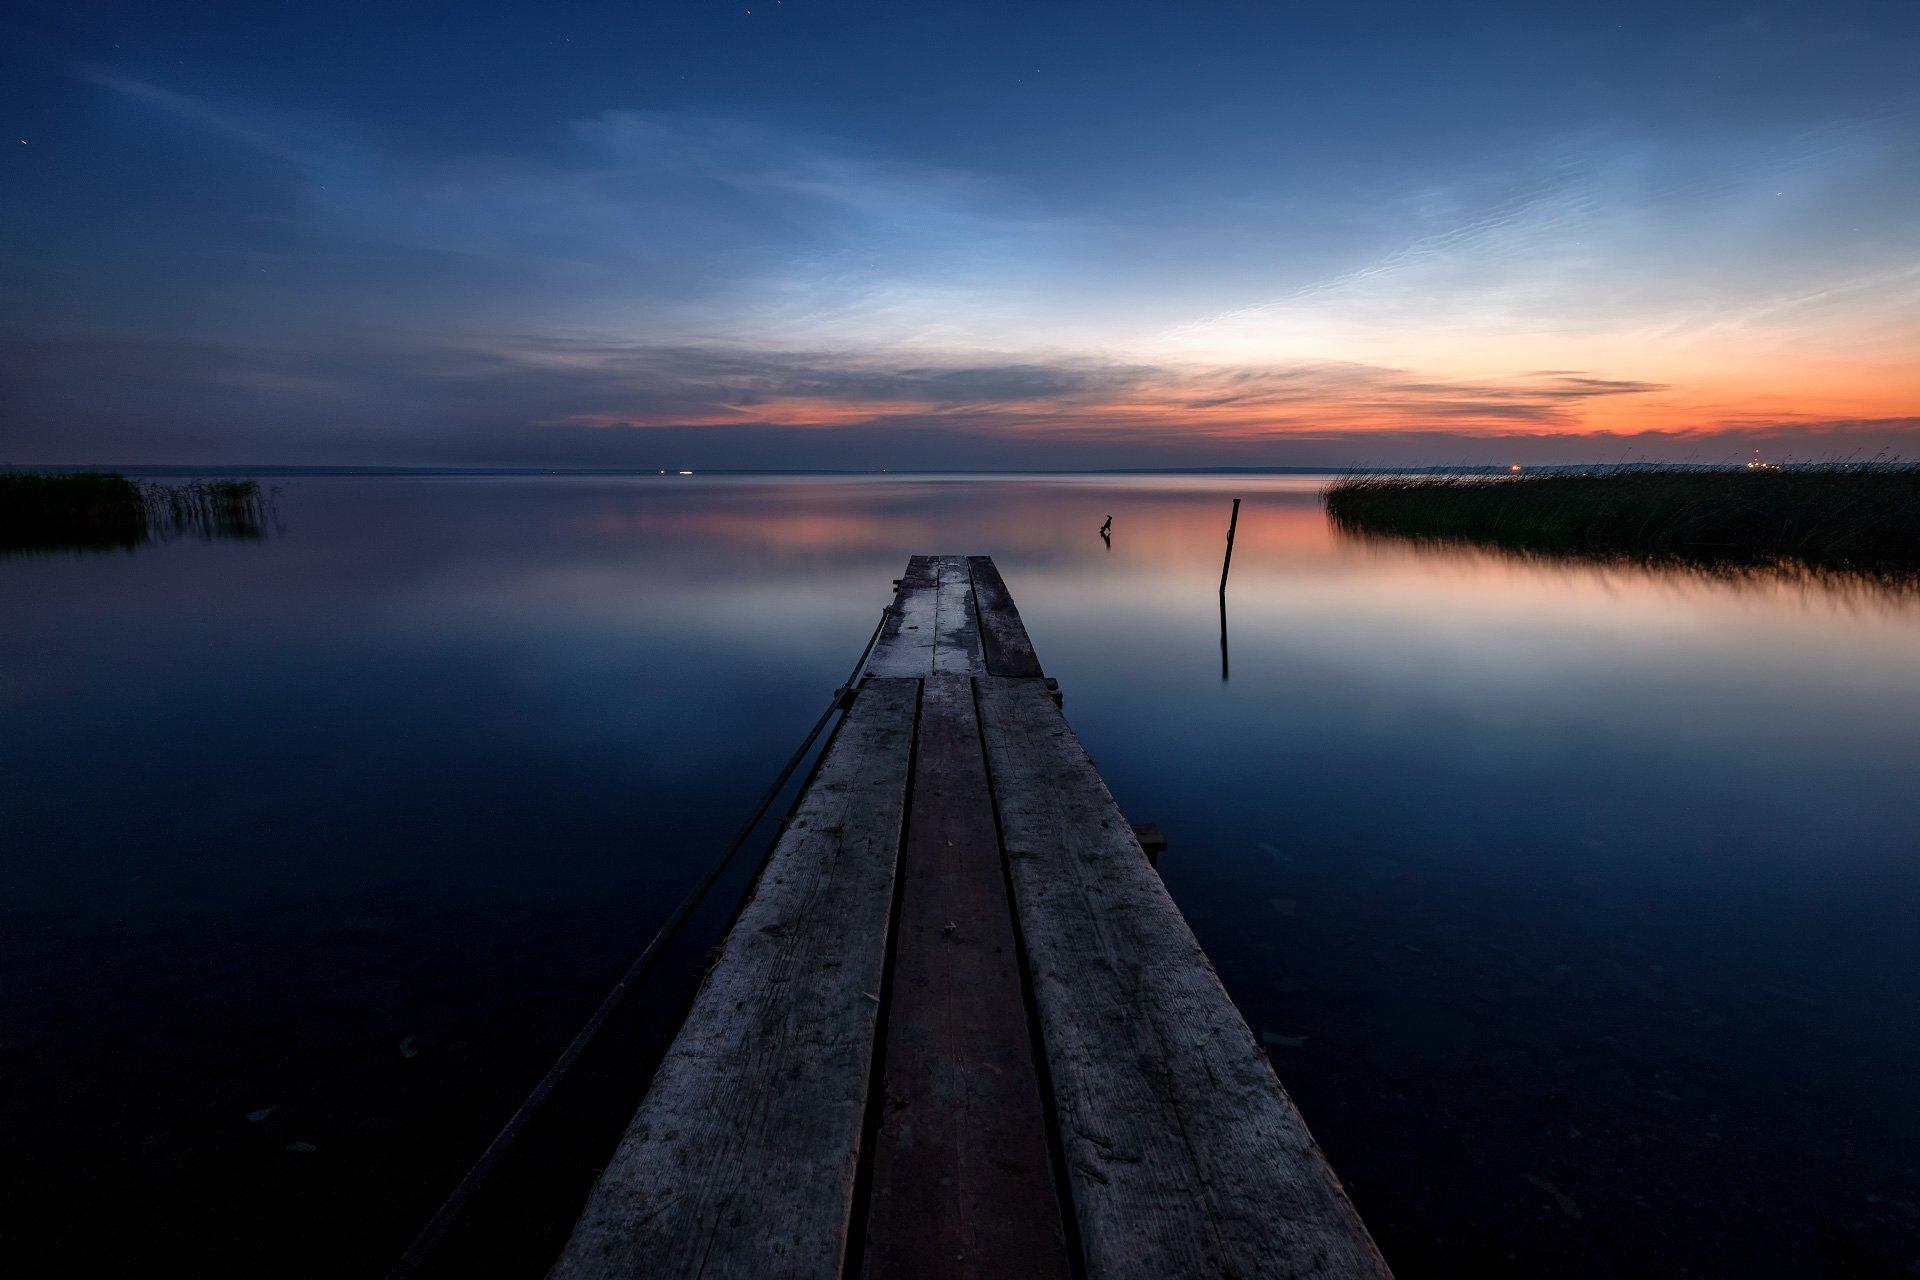 пейзаж, природа, переславль, залесский, плещеево, озеро, ночь, причал, отражения, Андрей Чиж